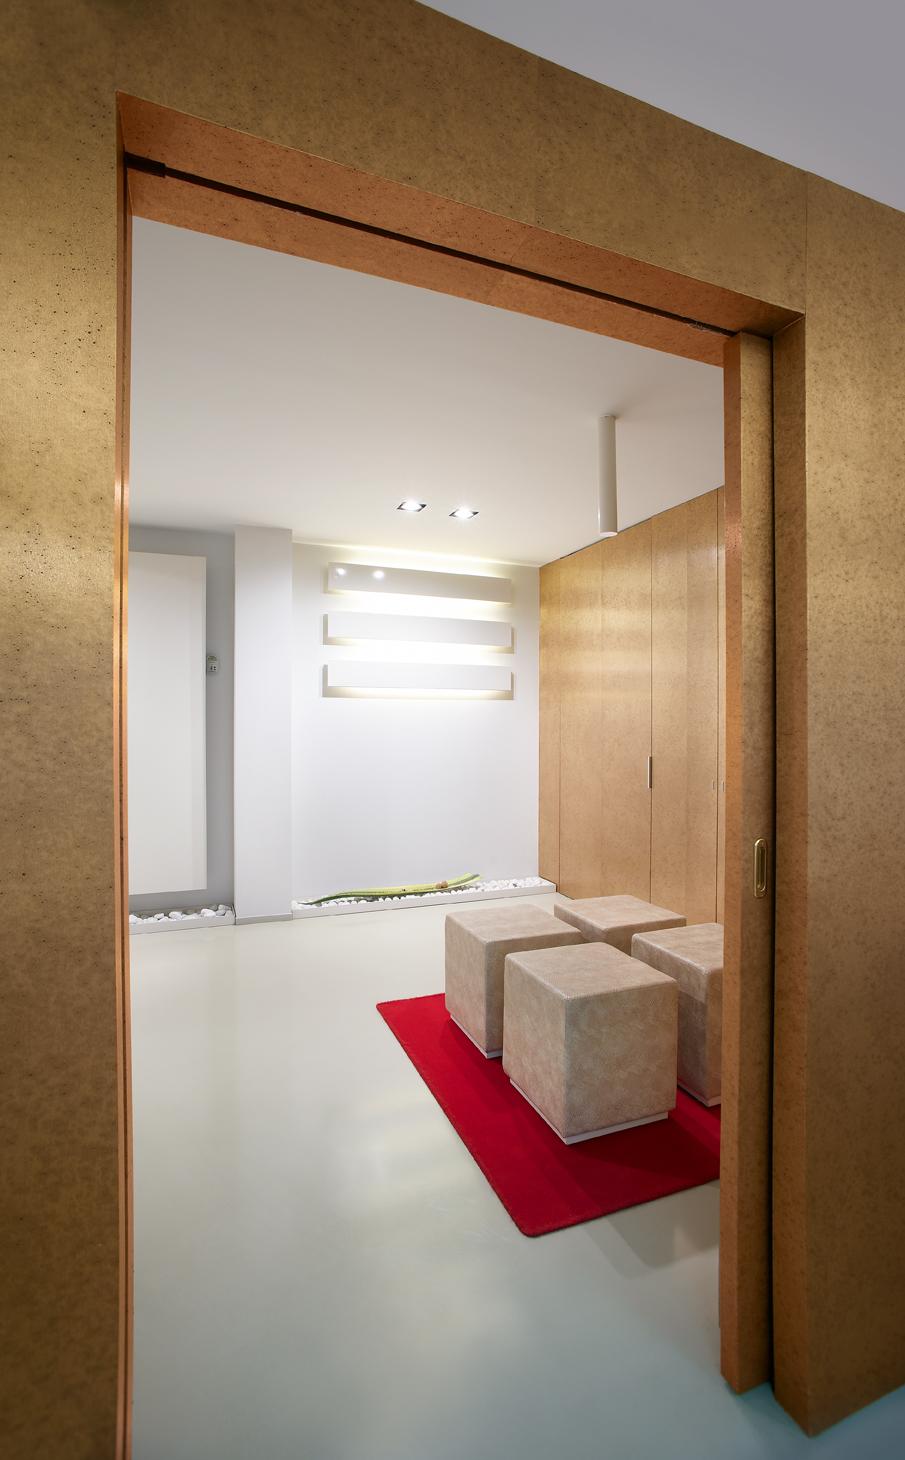 Studio-di-architettura-Baisotti-Sigala-prgetti12